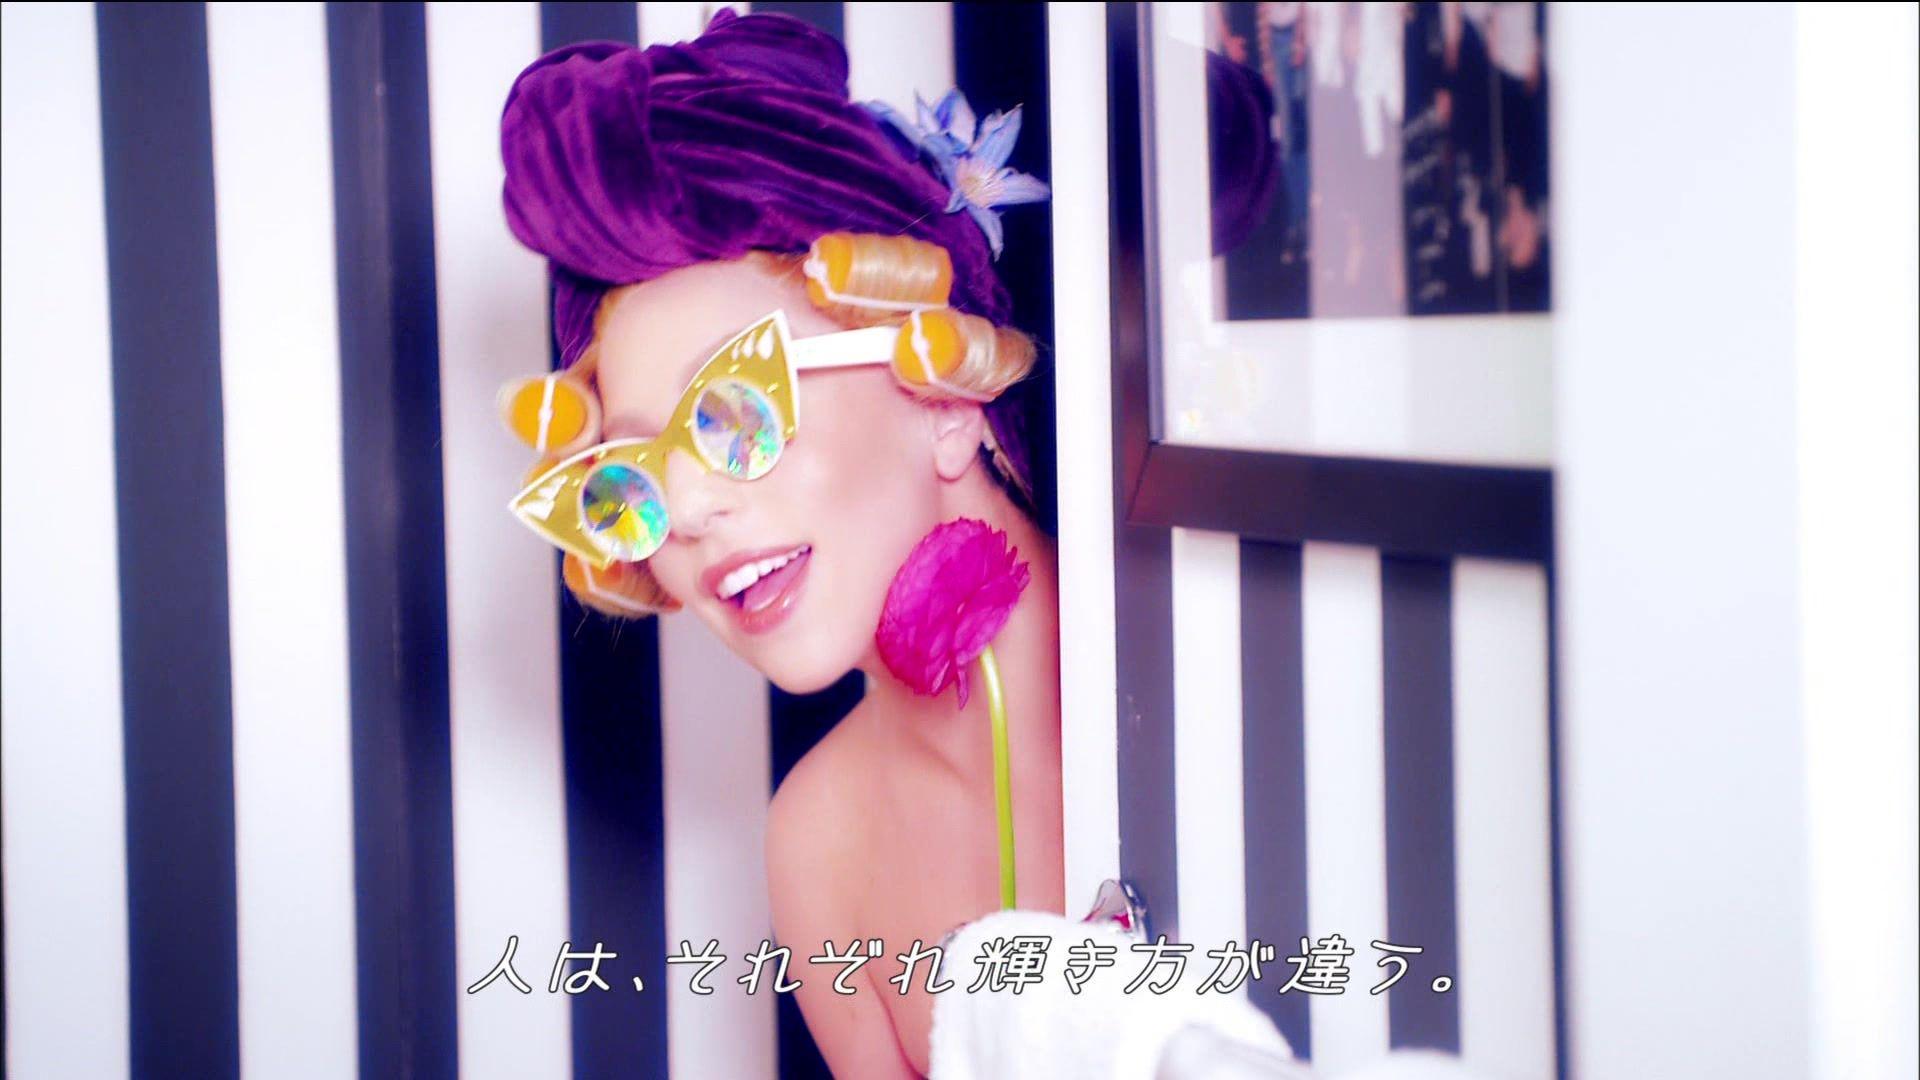 2015-Feb-27-Shiseido-flower.jpg